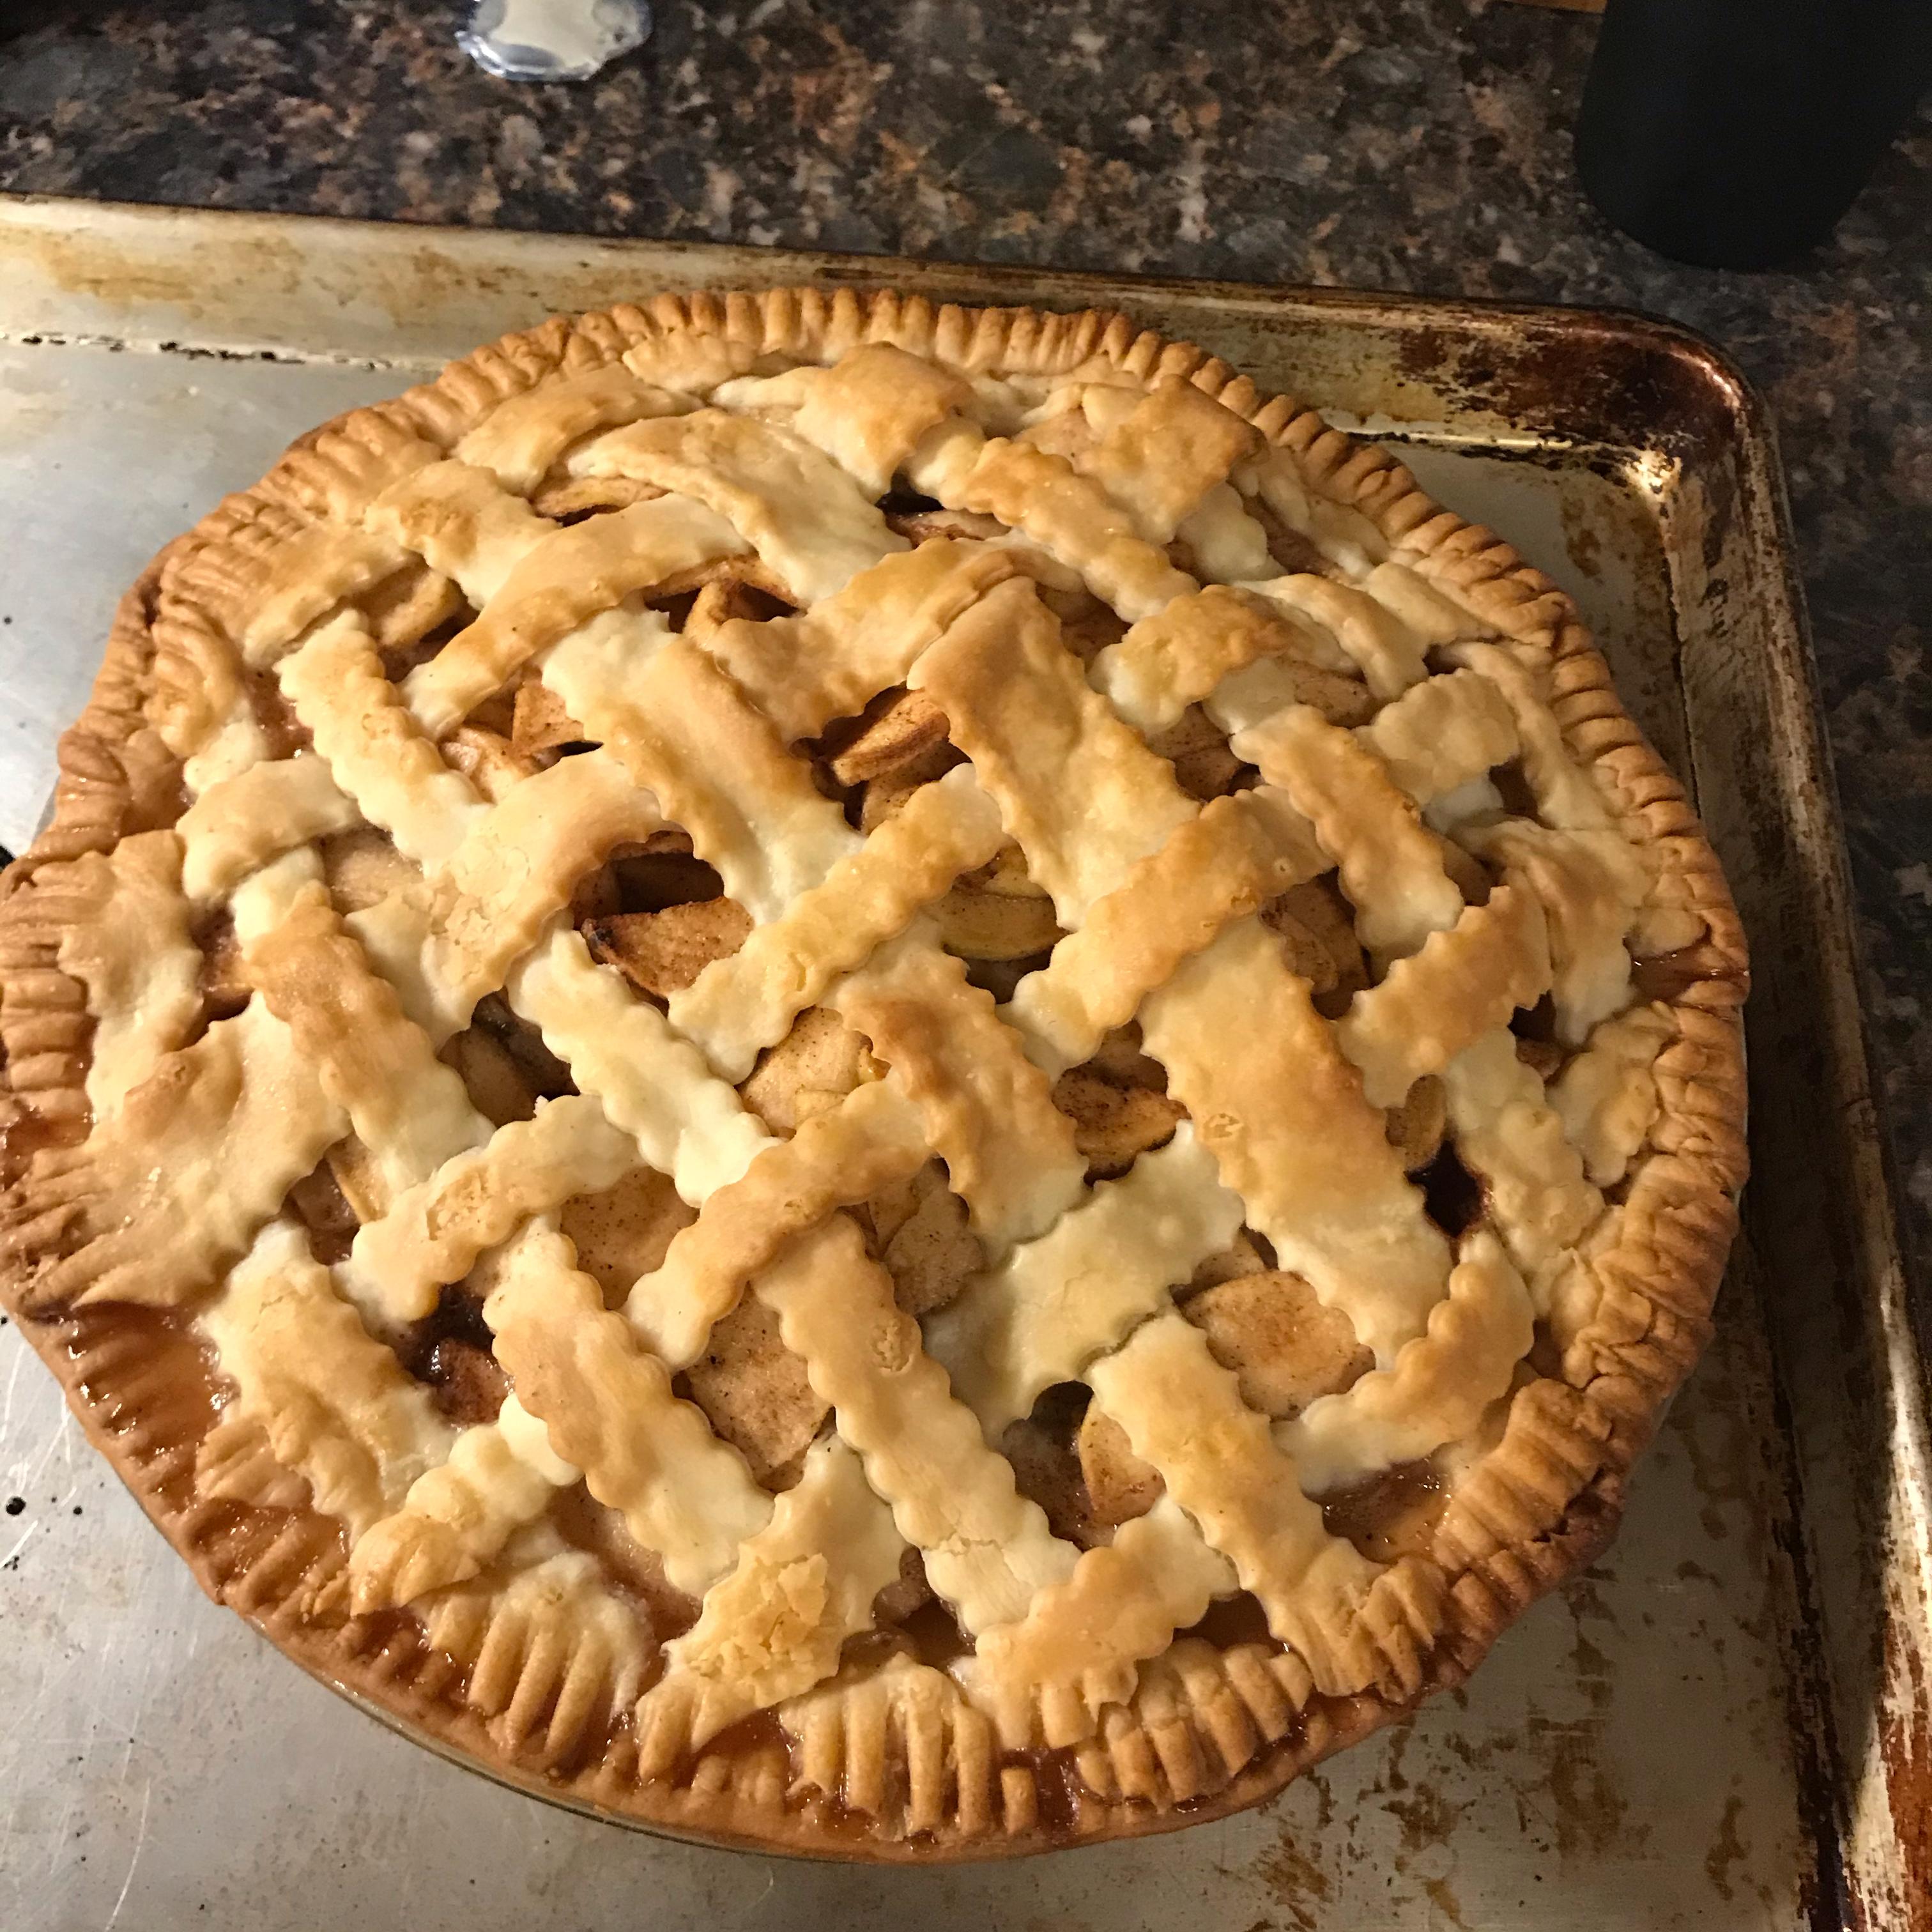 Miss Hattie's Apple Pie